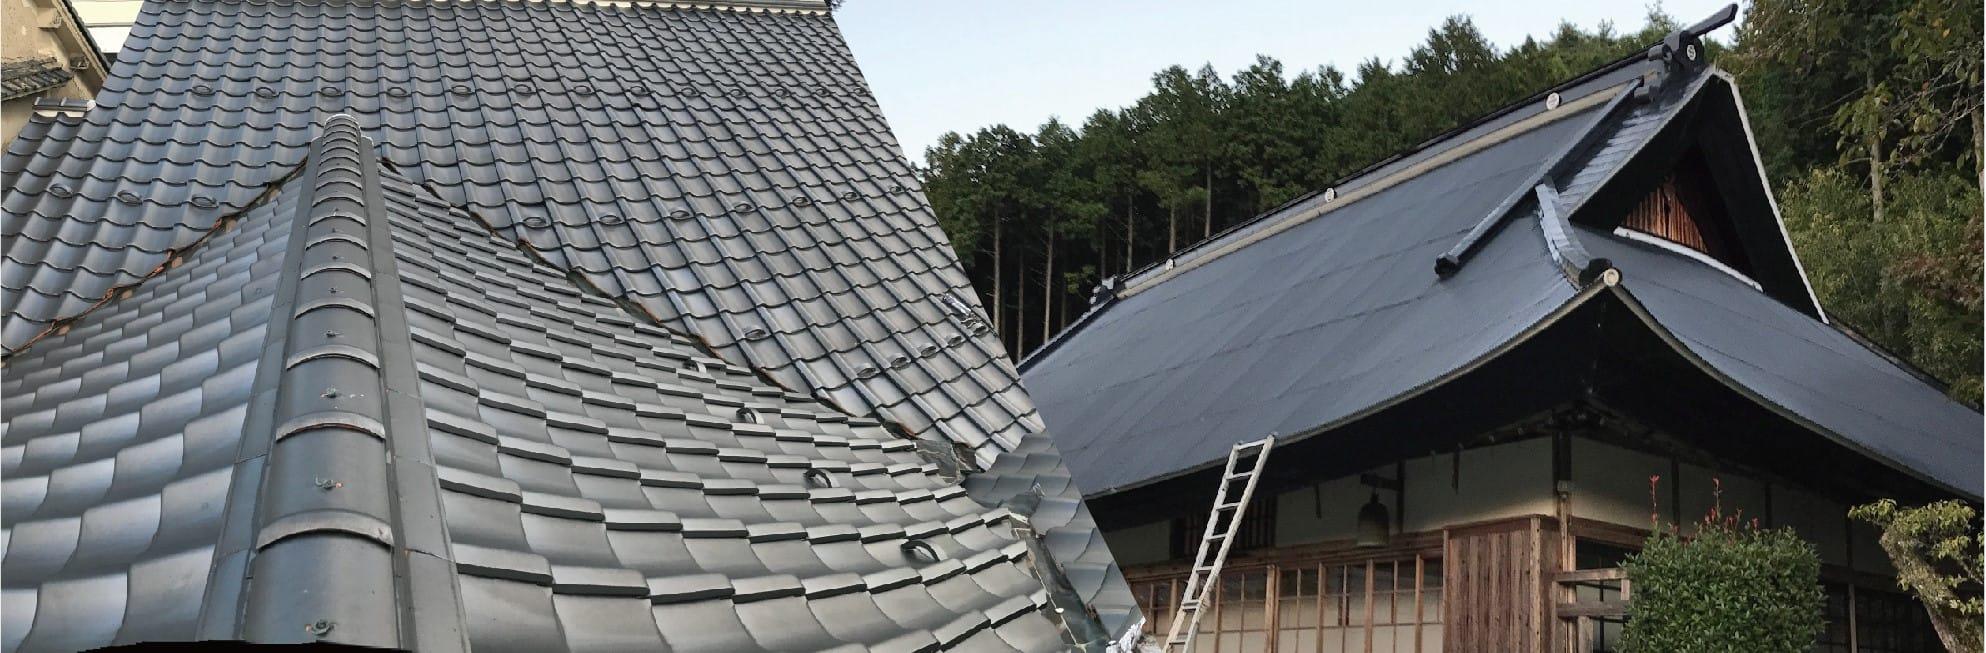 株式会社オオチ〜屋根の本来の美しさを蘇らせる〜